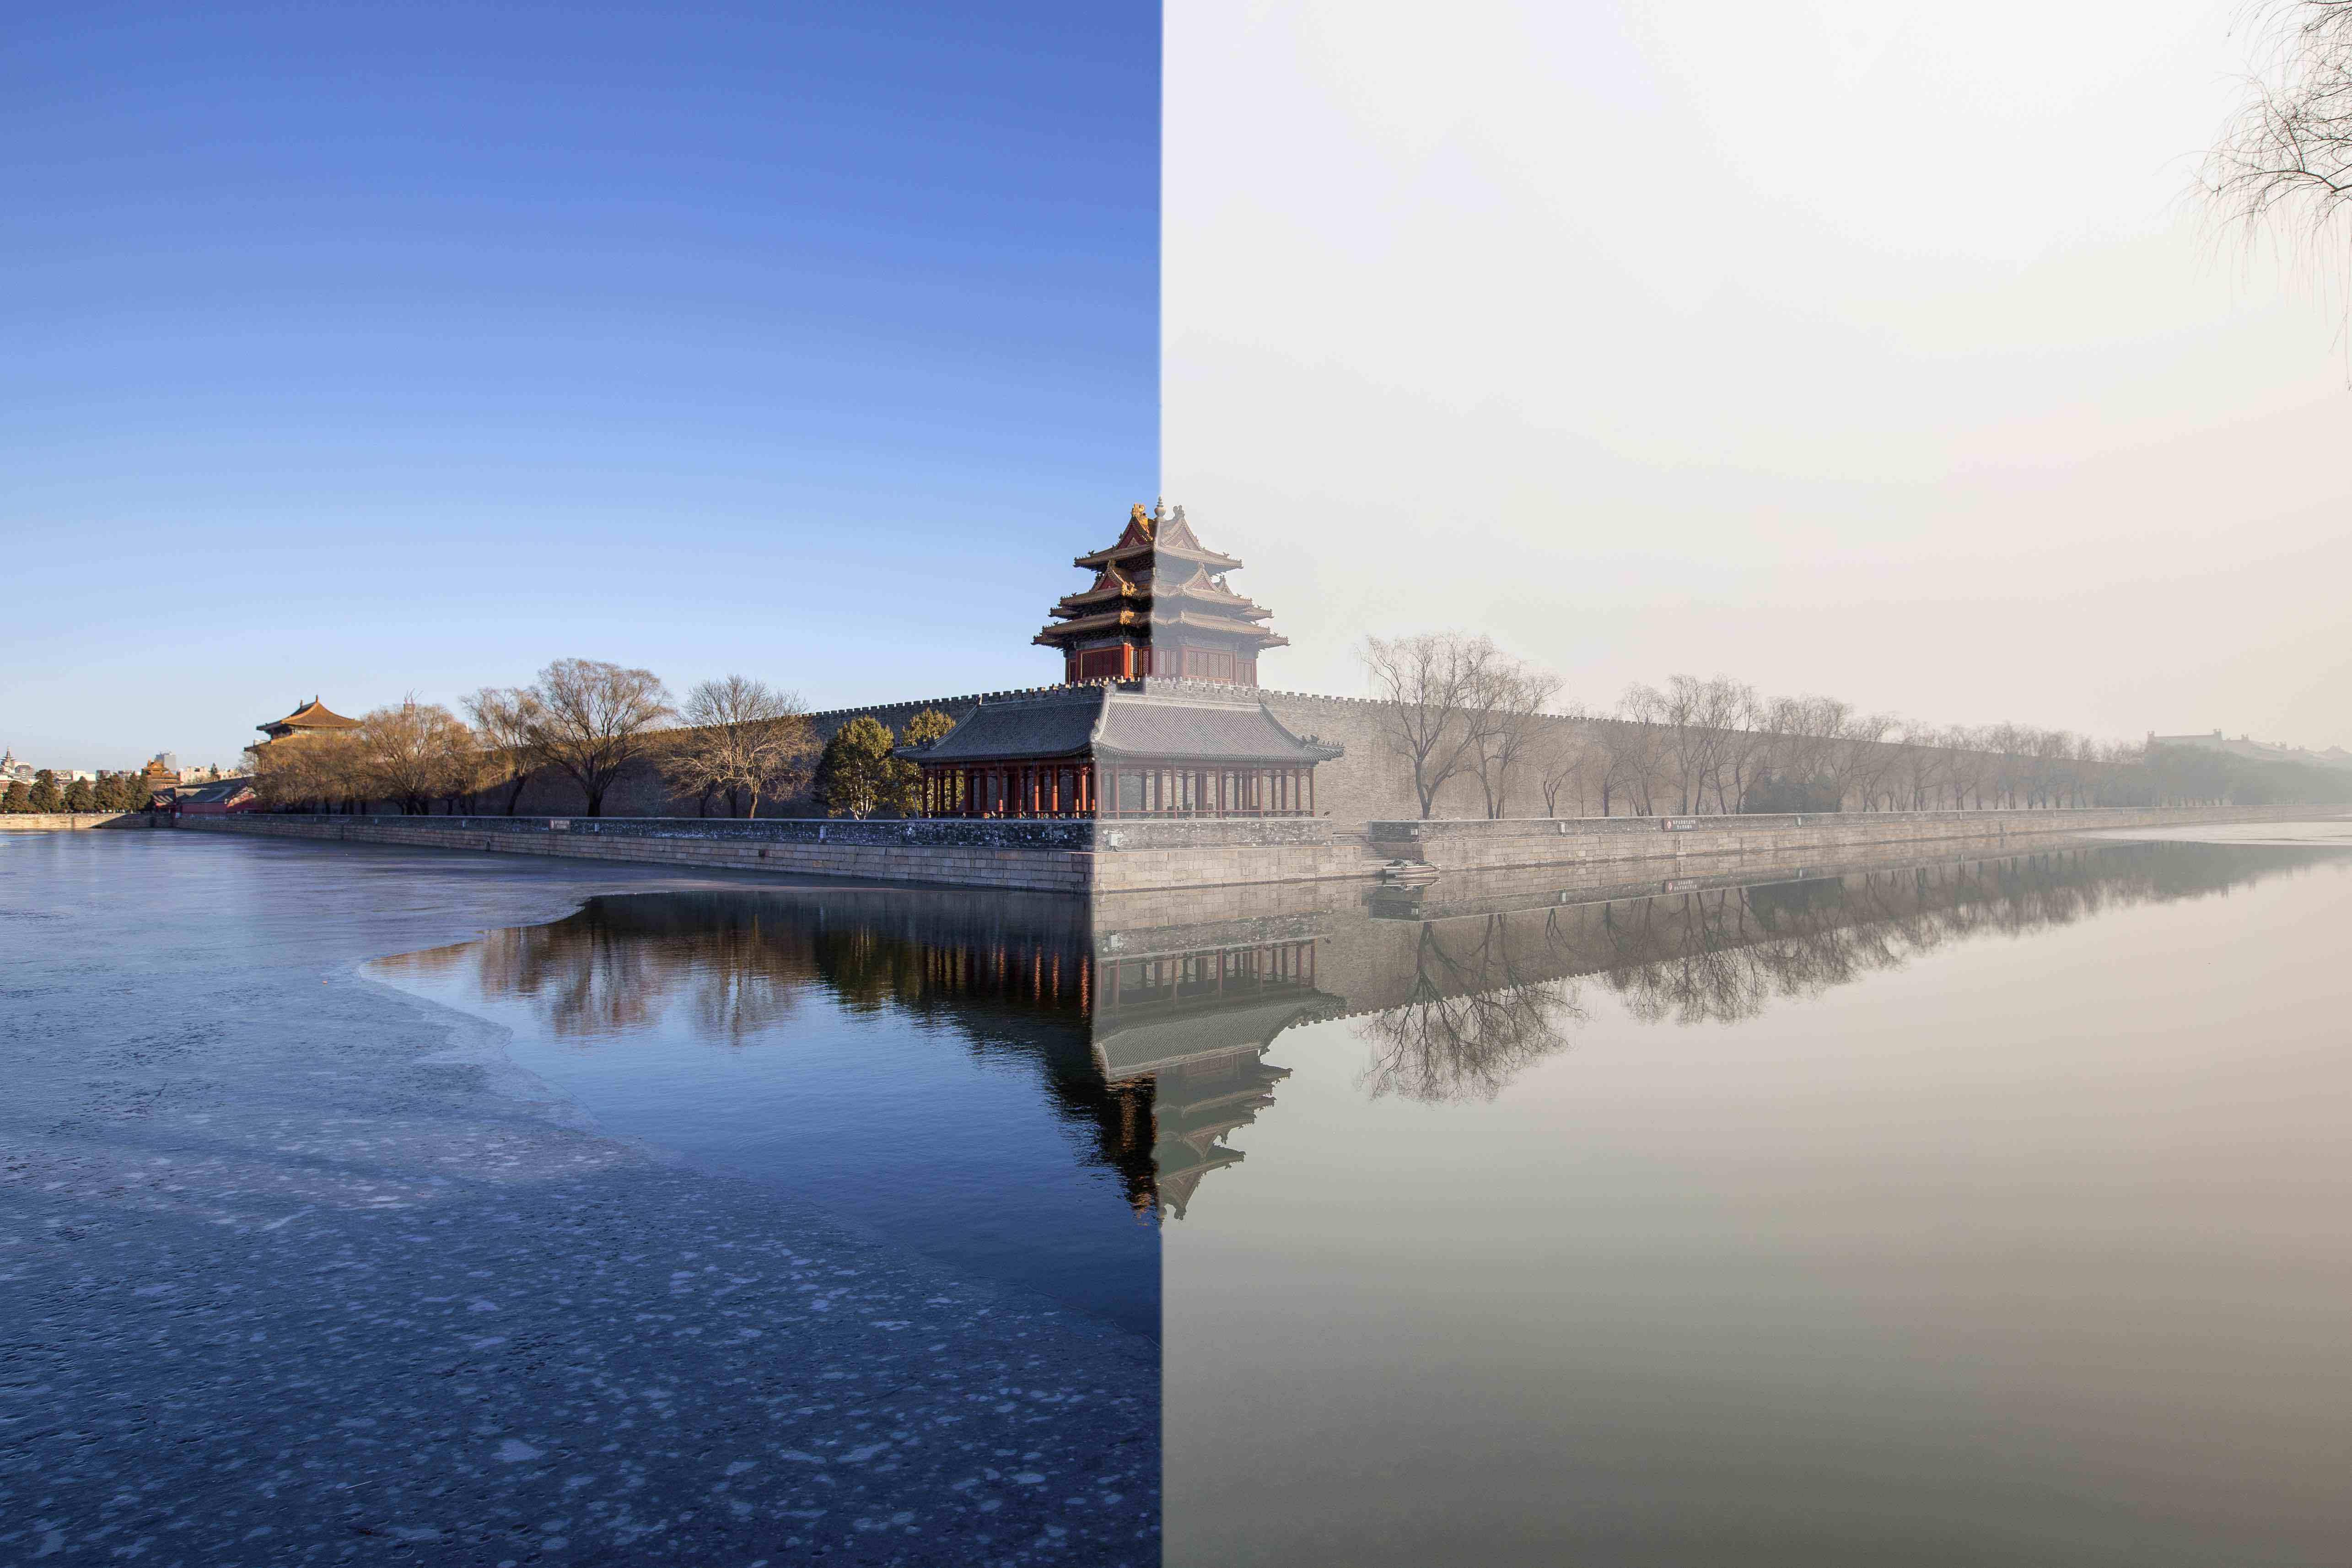 冬天雾霾季 不开窗的危害居然比开窗还大?